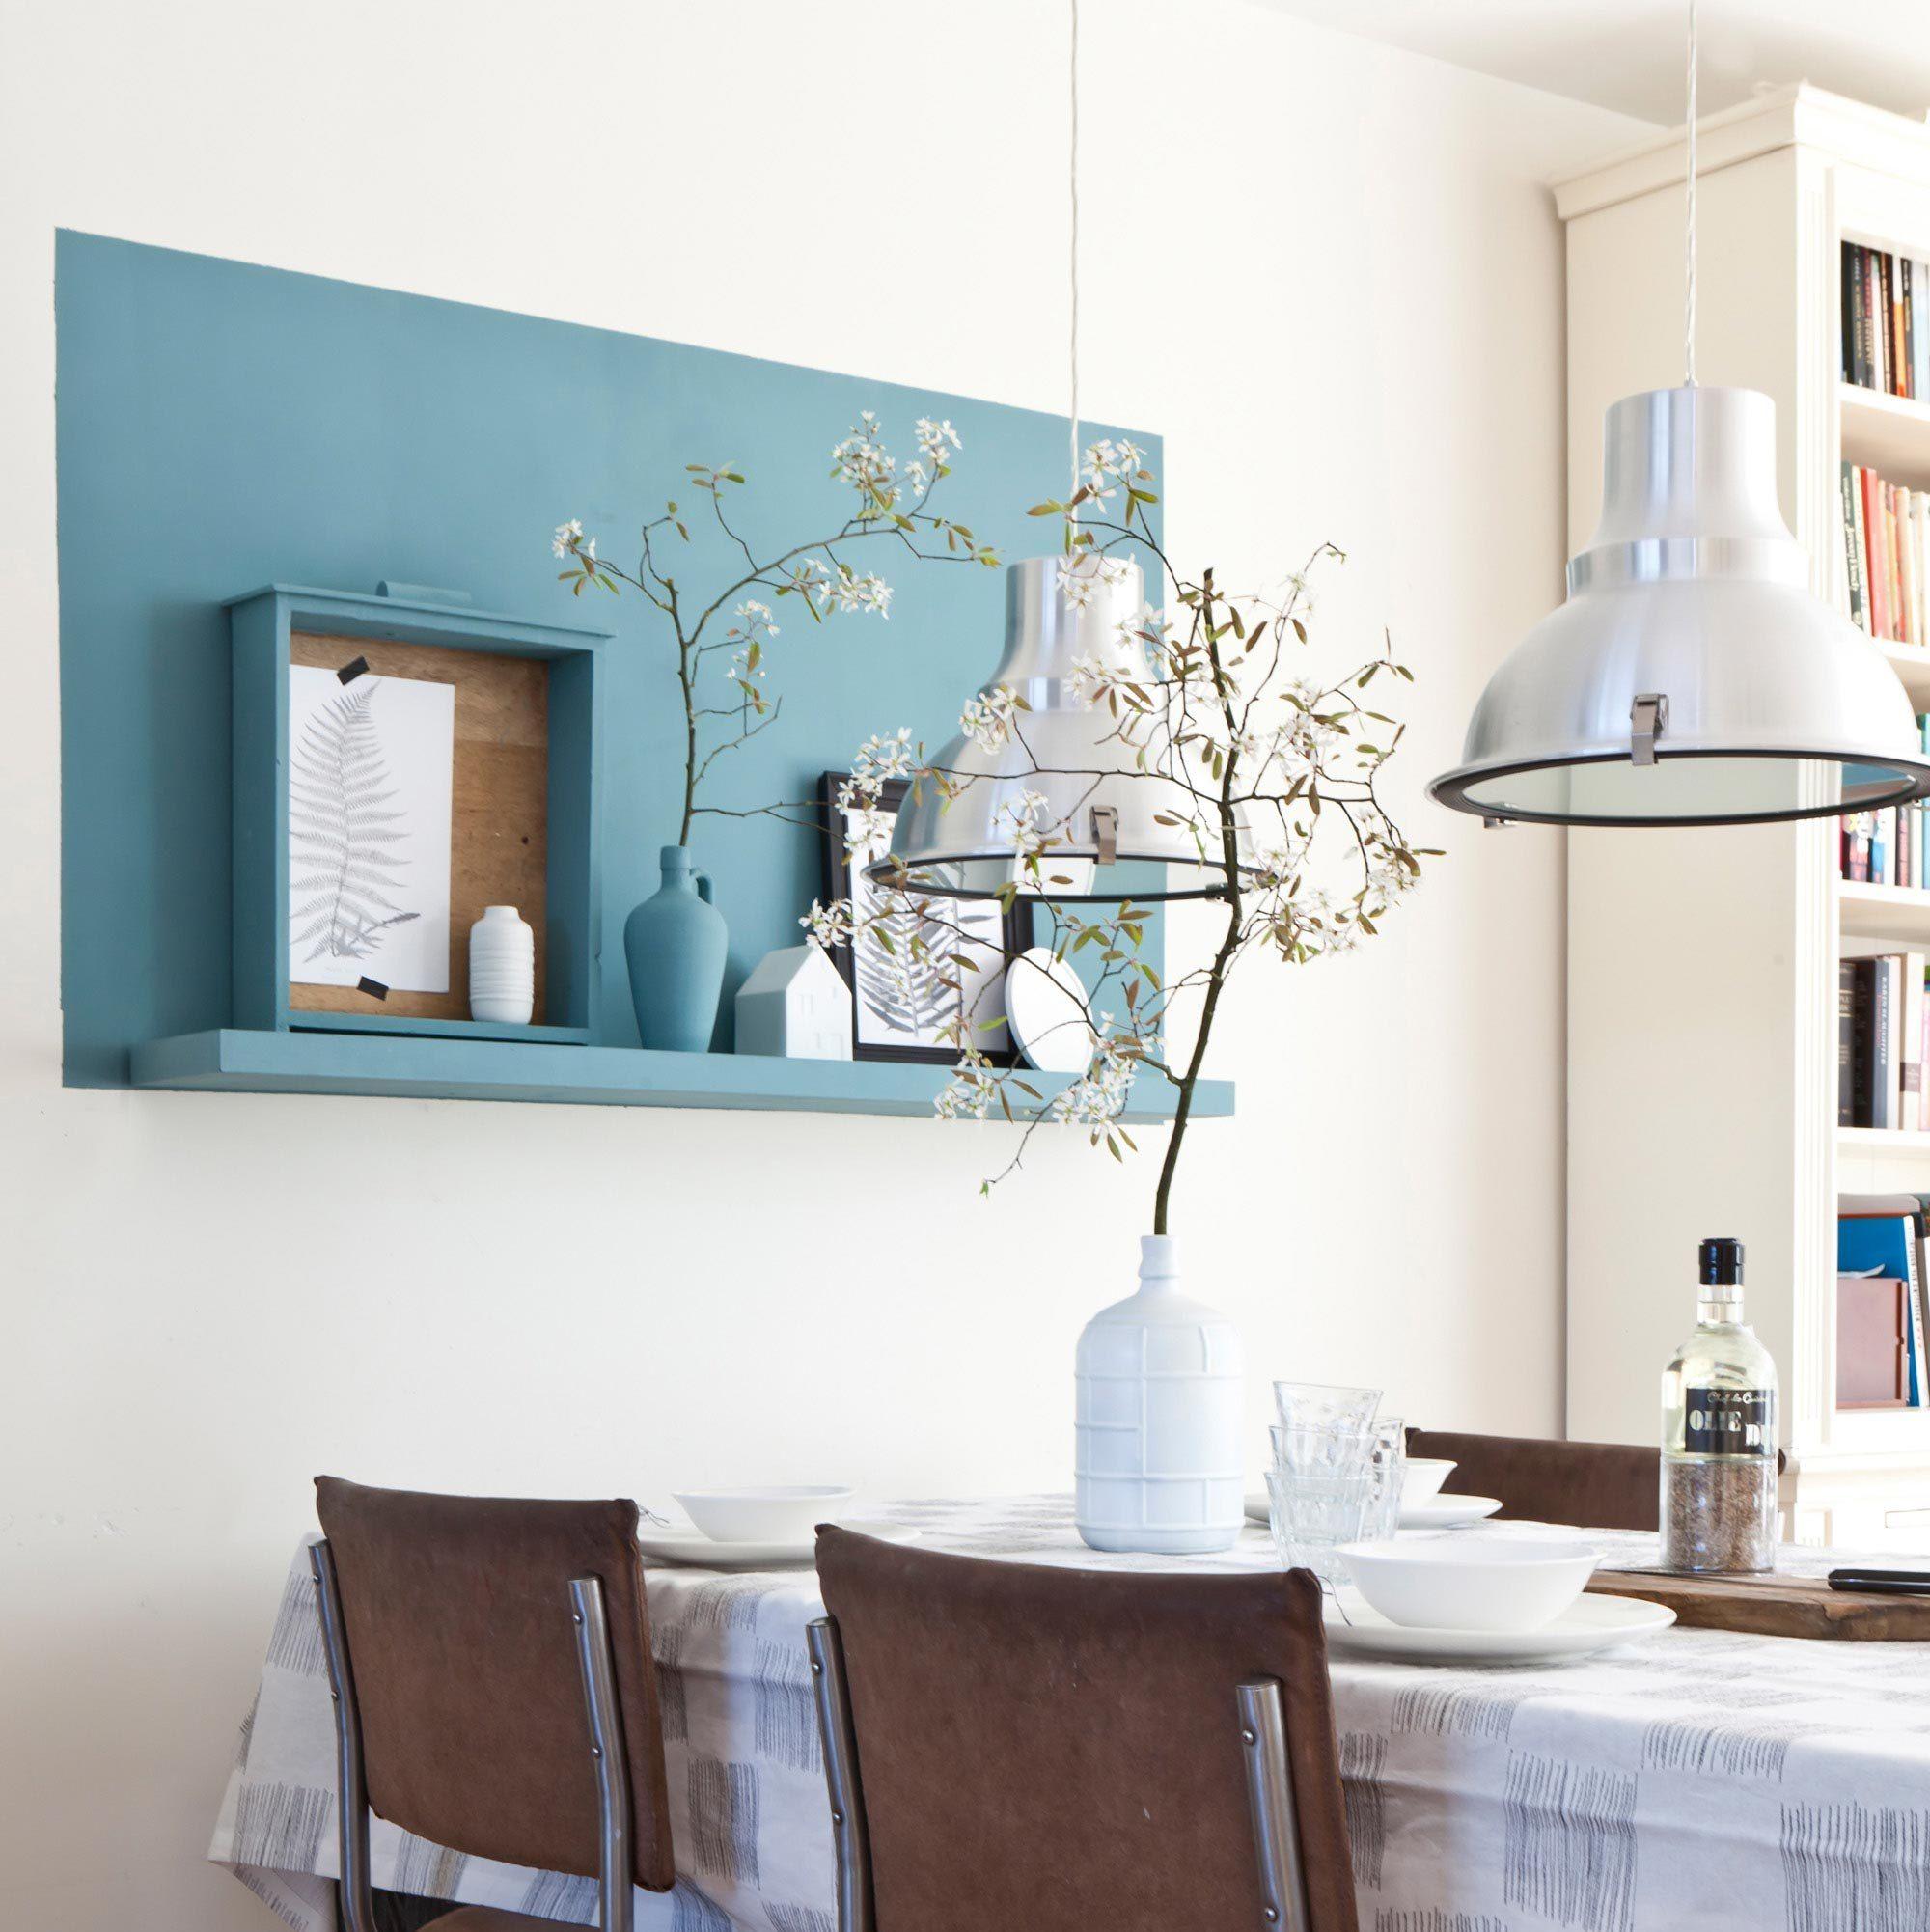 Peindre Un Aplat Sur Le Mur Inspiration Salle à Manger